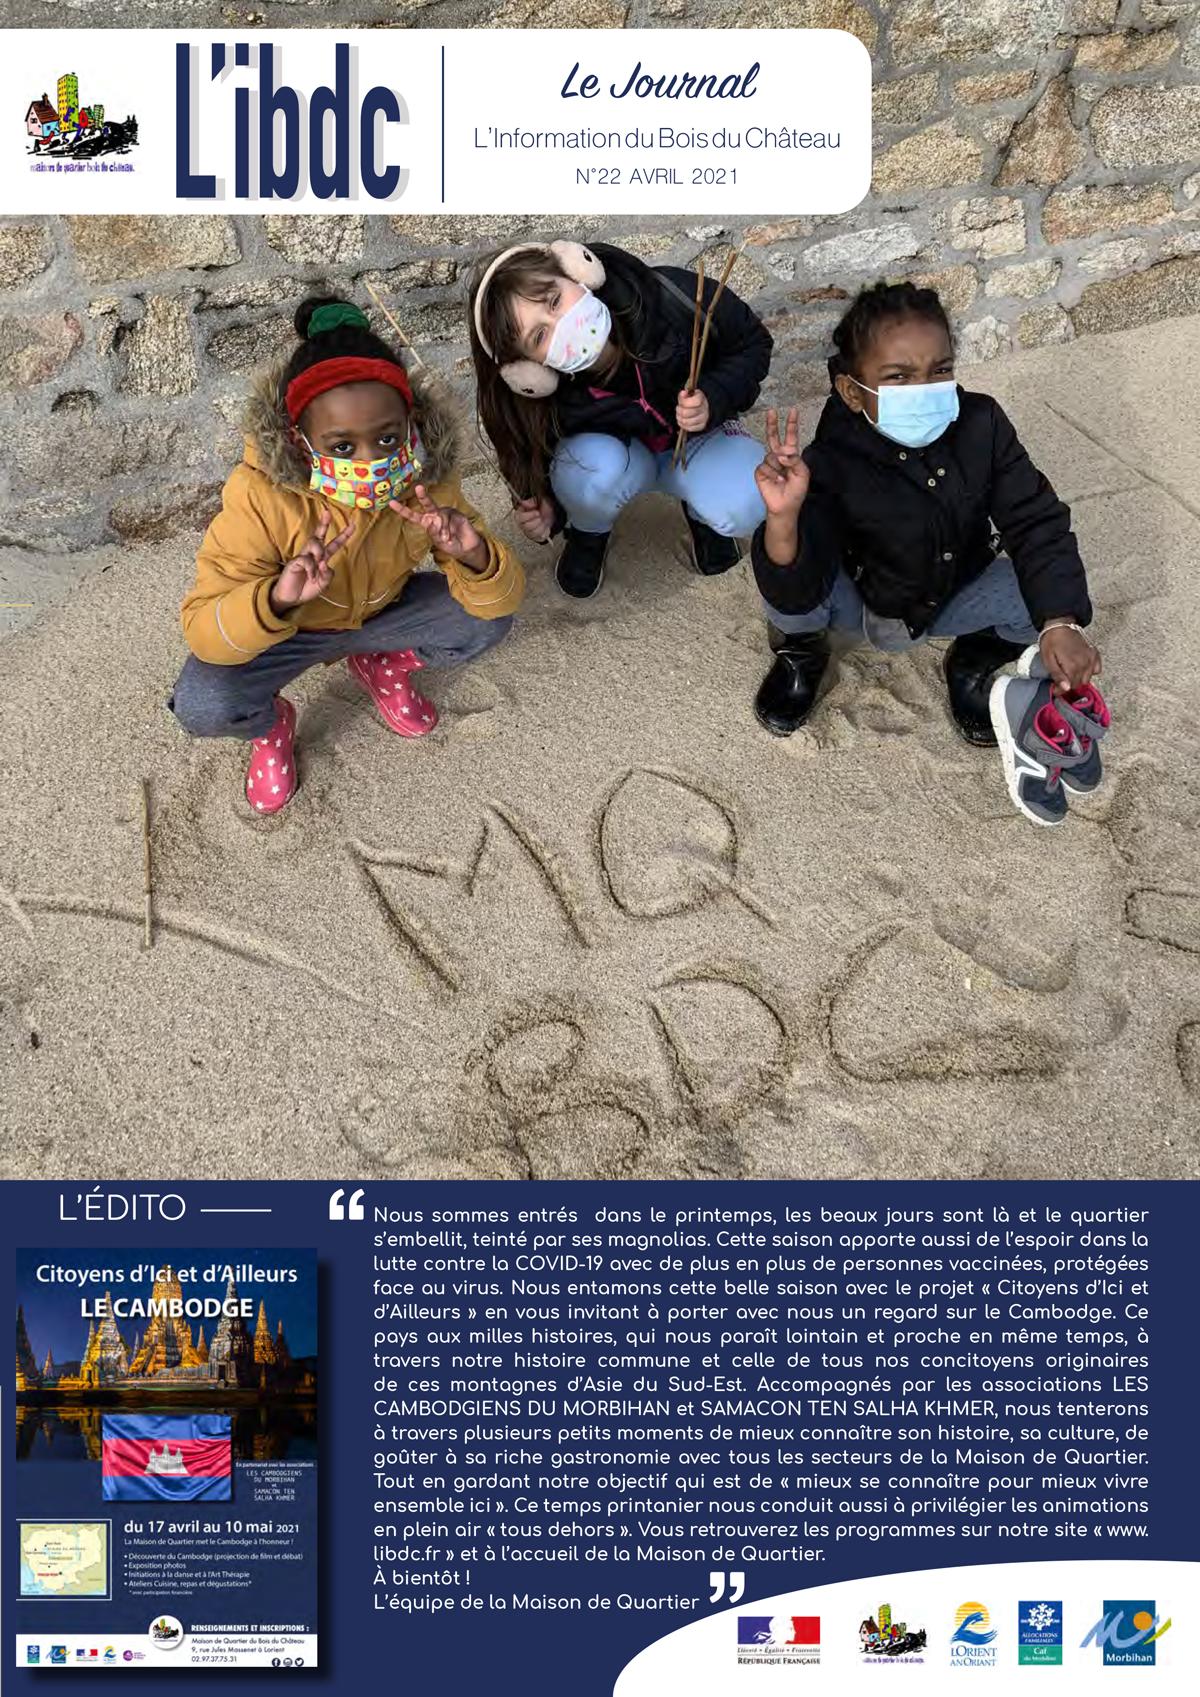 JOURNAL L'IBDC - avril 2021 - L'information de Bois du Château